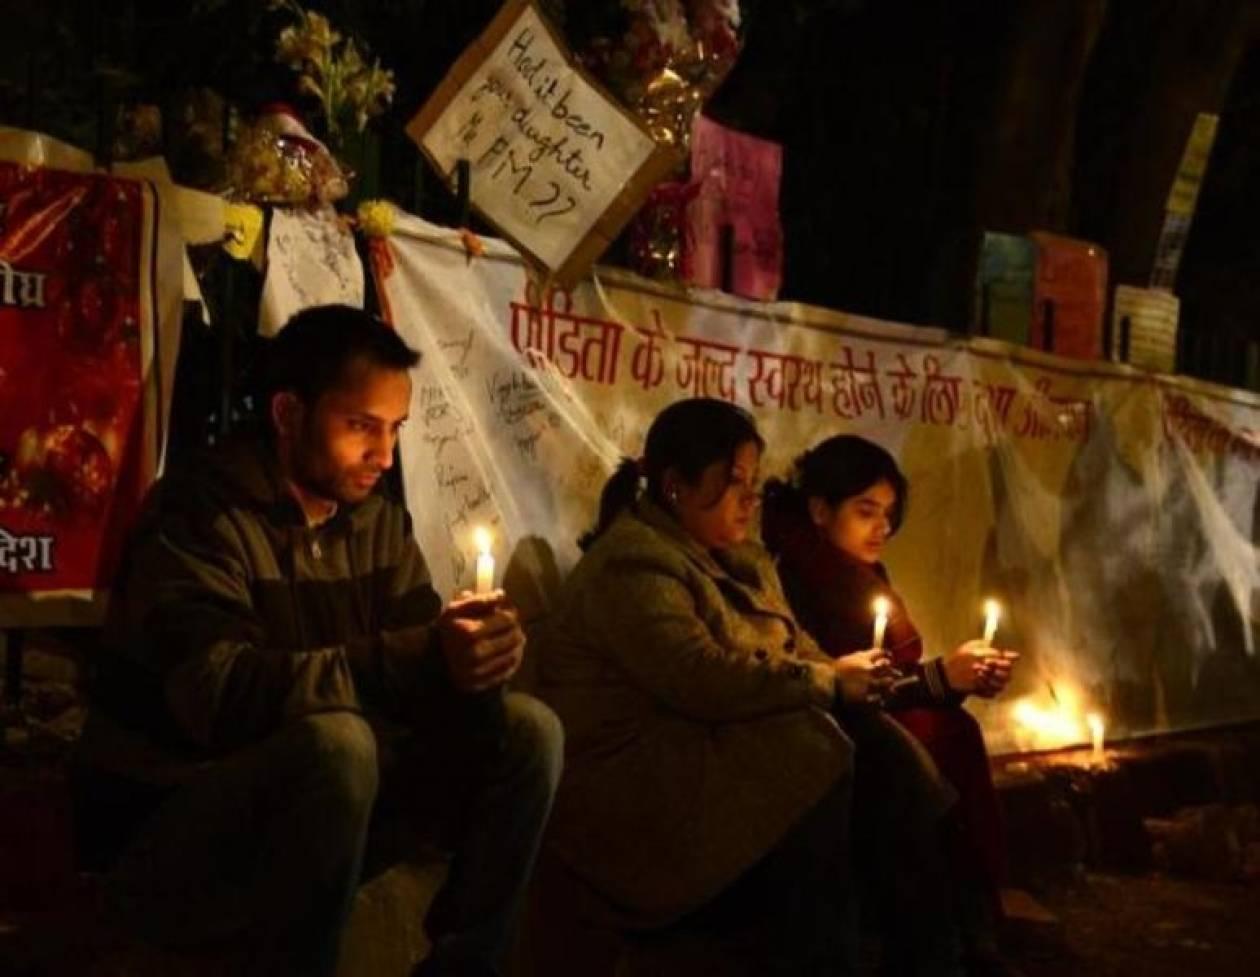 Σε νοσοκομείο της Σιγκαπούρης η Ινδή - θύμα ομαδικού βιασμού